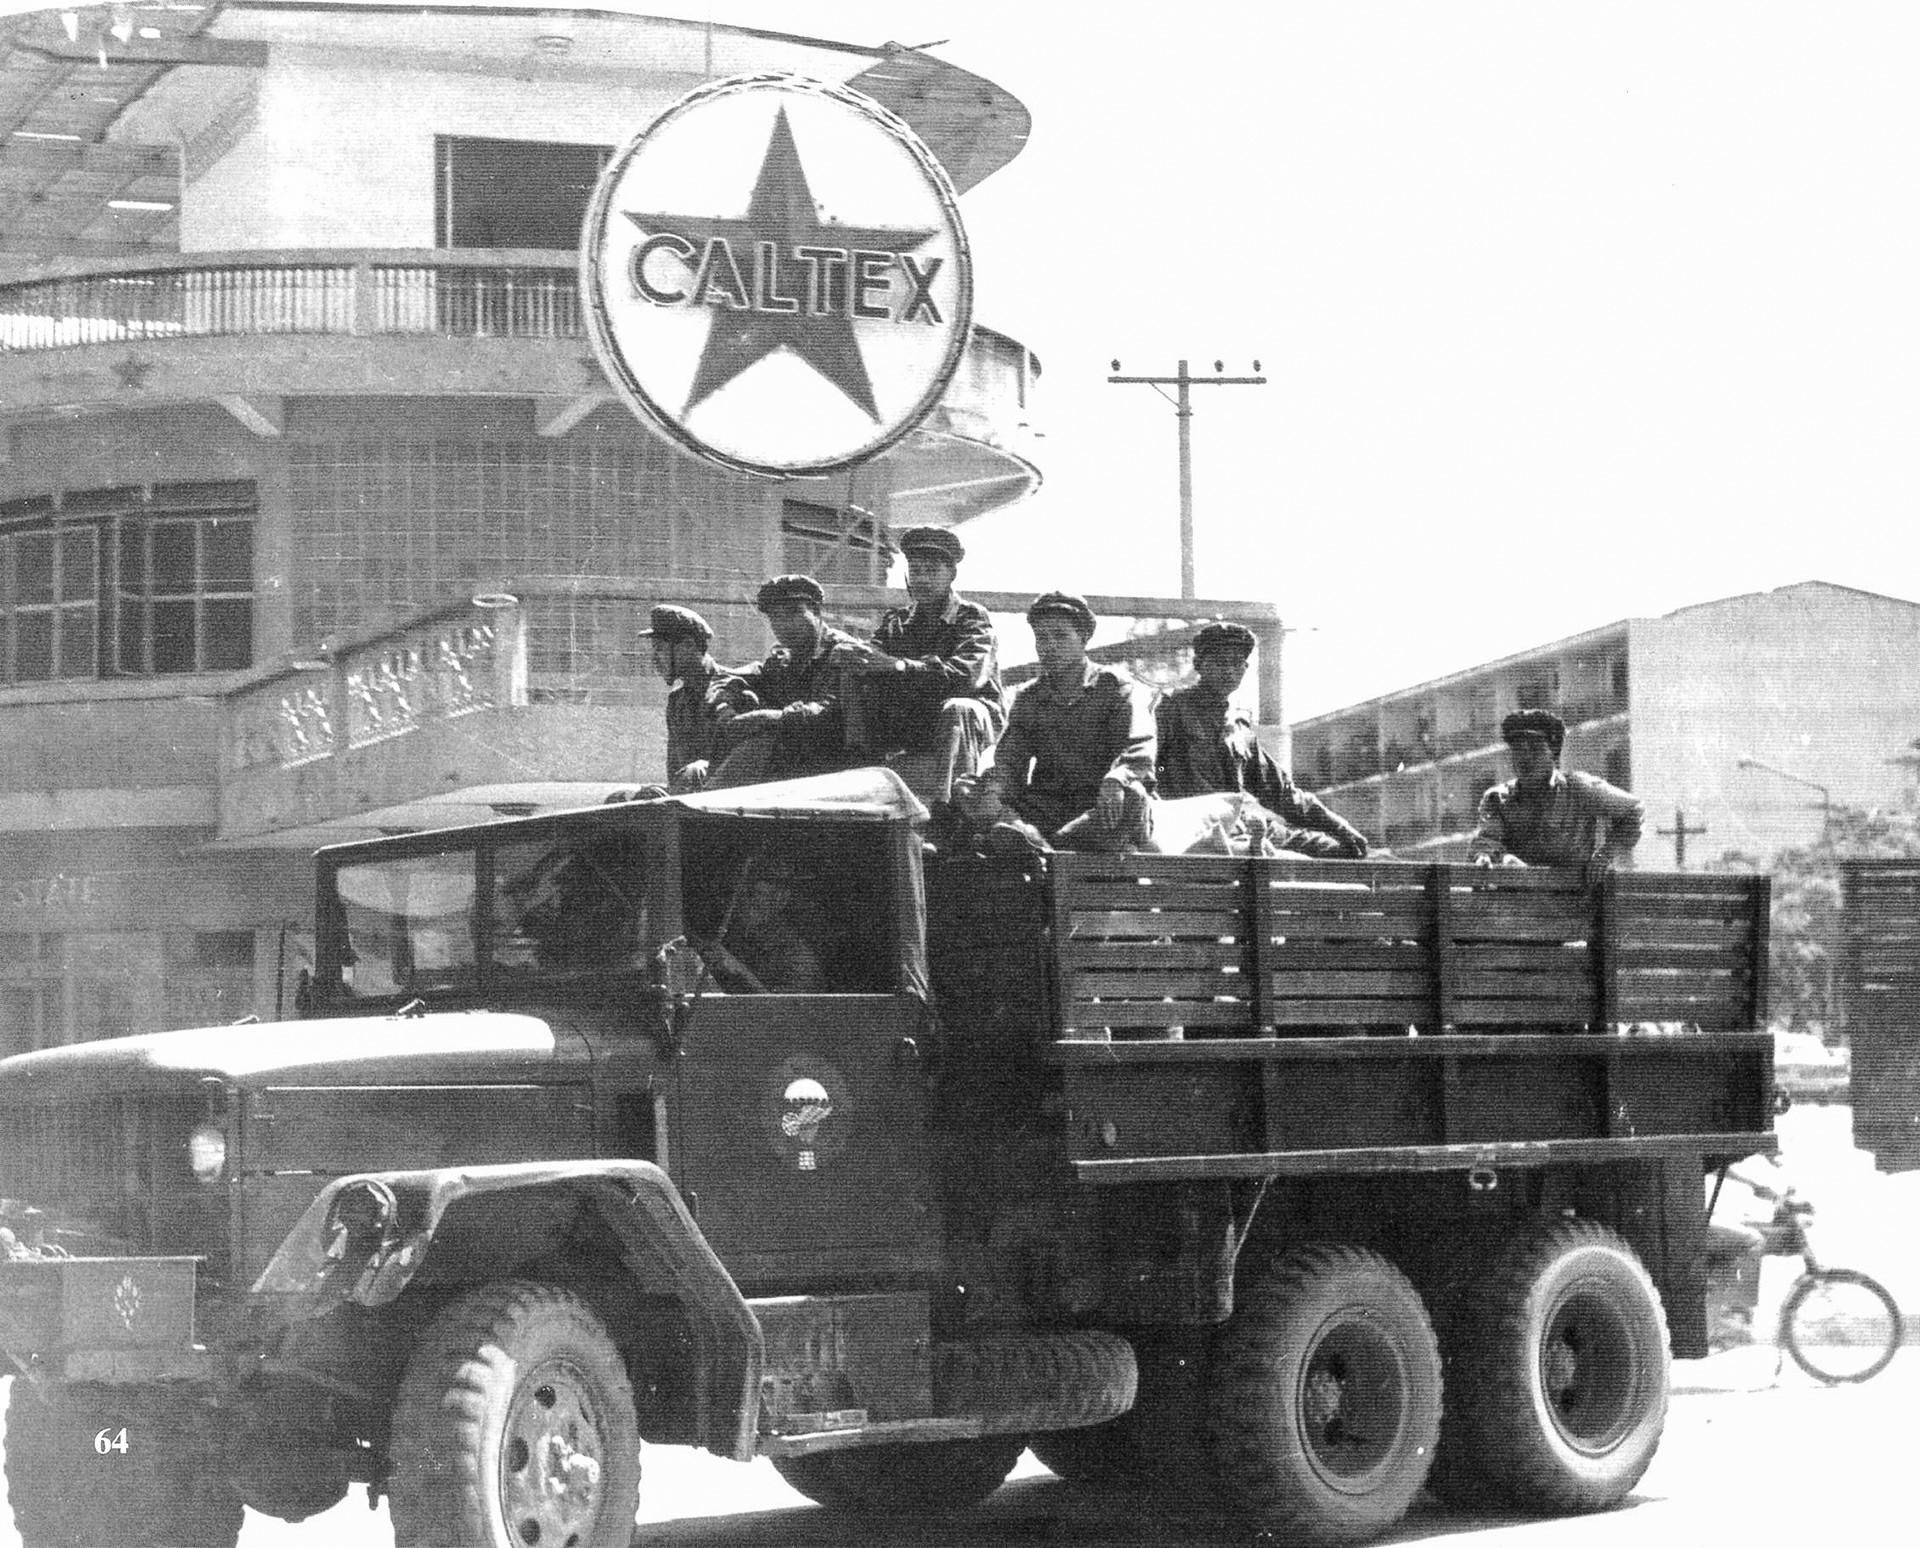 Vojnici pokreta Pathet Lao u Vientianeu, Laos.